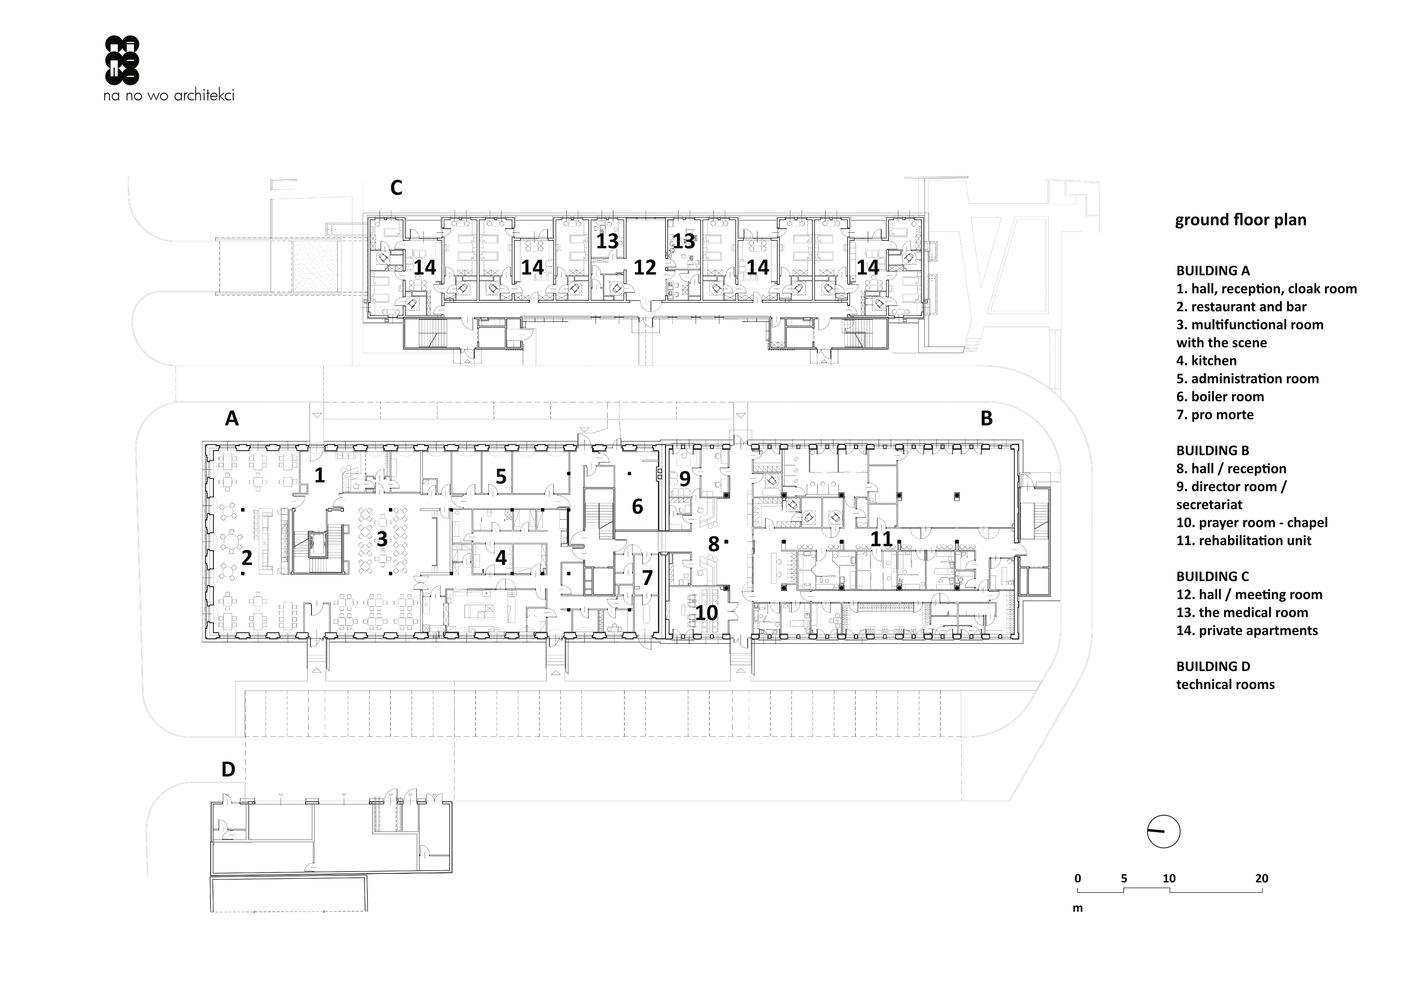 small resolution of leszczynski antoniny manor intervention na no wo architekci